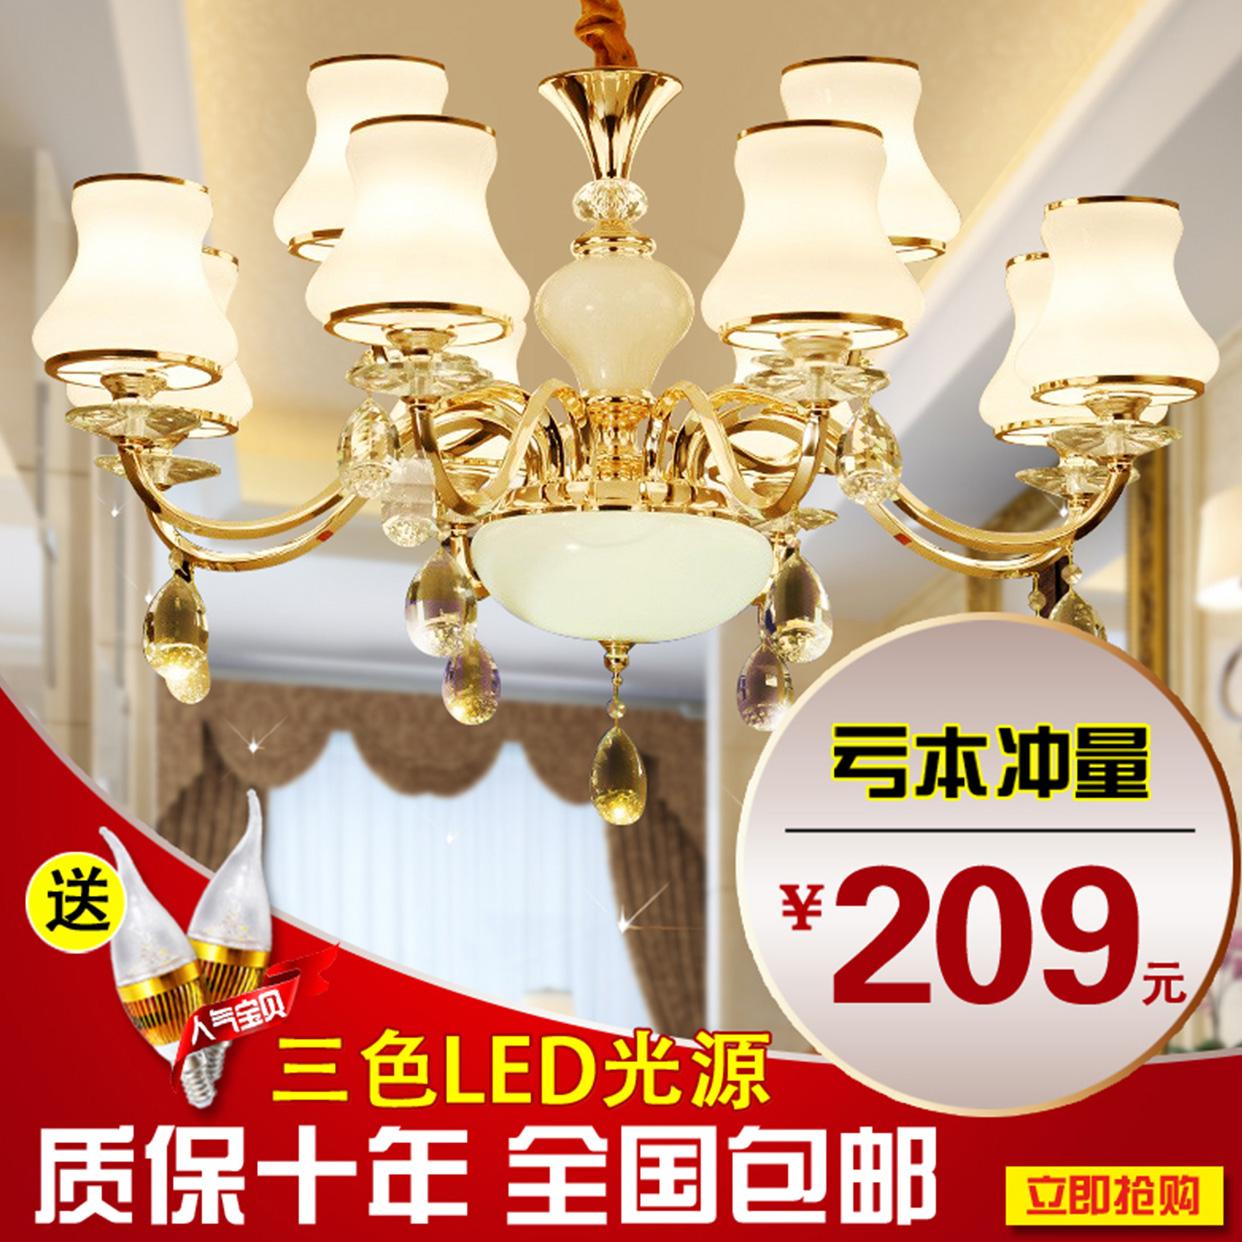 隐形吊扇灯 餐厅风扇灯 LED简约时尚现代电扇灯客厅家用 风扇吊灯